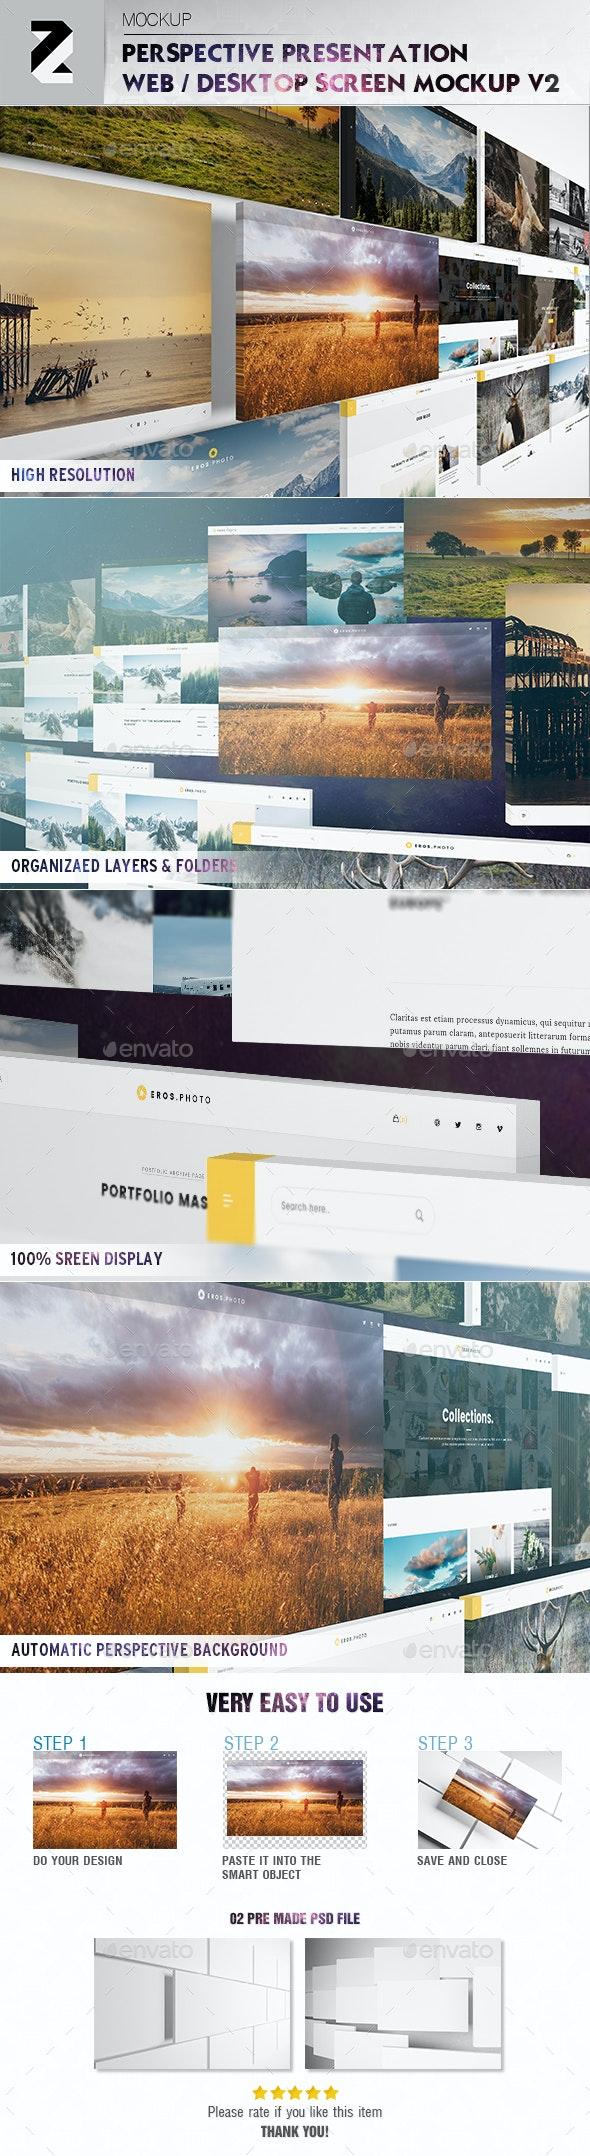 Perspective Presentation Web Mockup v2 - Website Displays